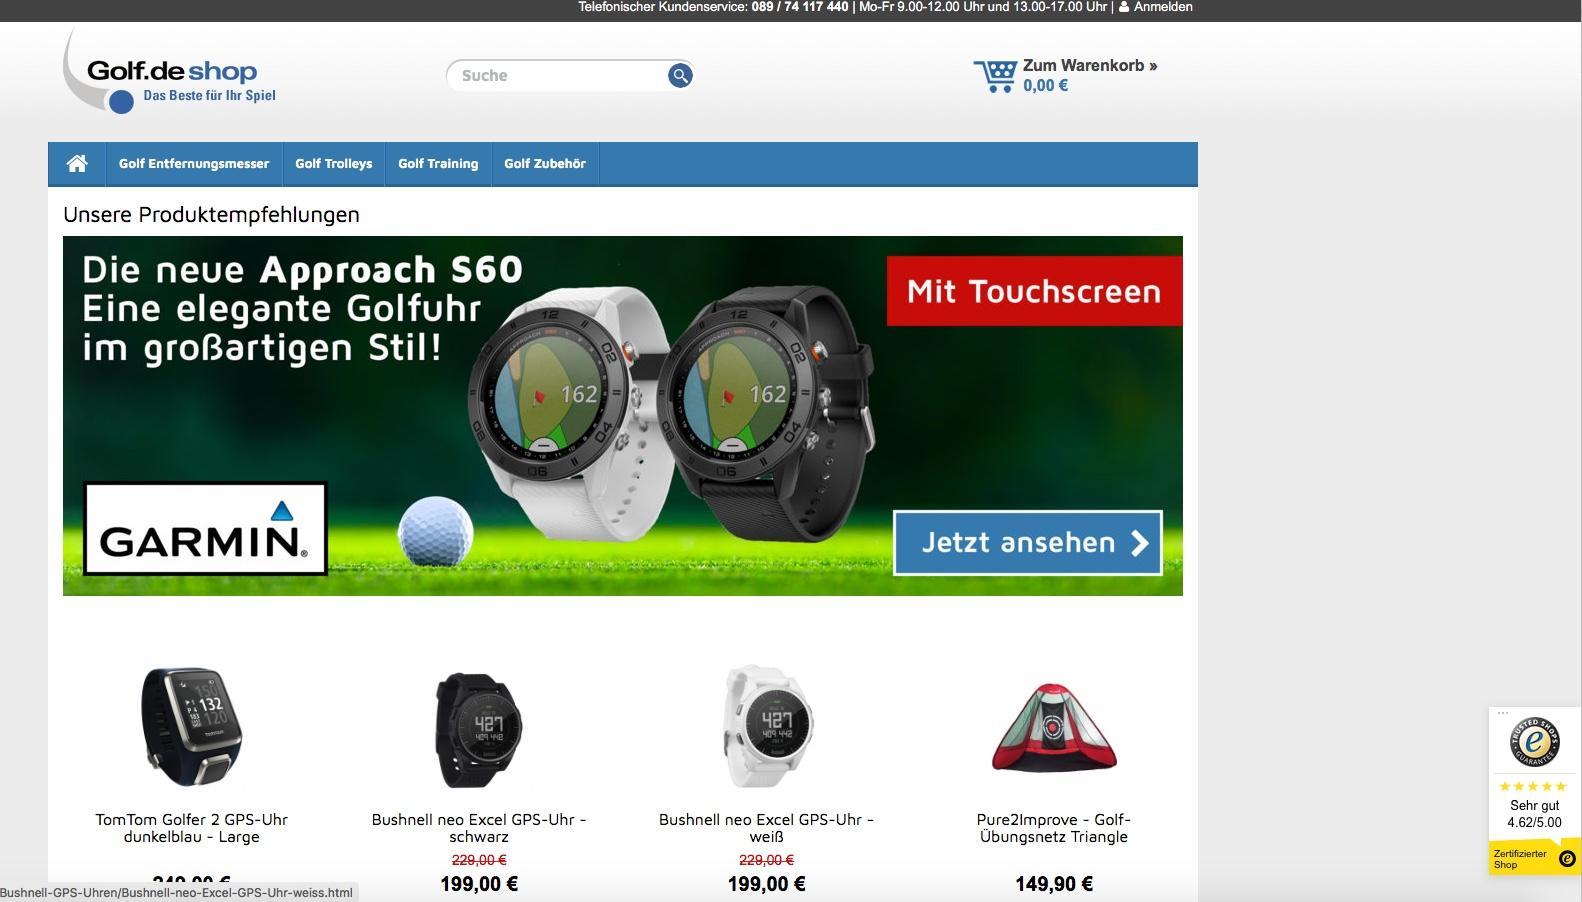 Der golf.de Online Shop gehört zu den Top 50 Sport Online Shops bei ExpertenTesten.